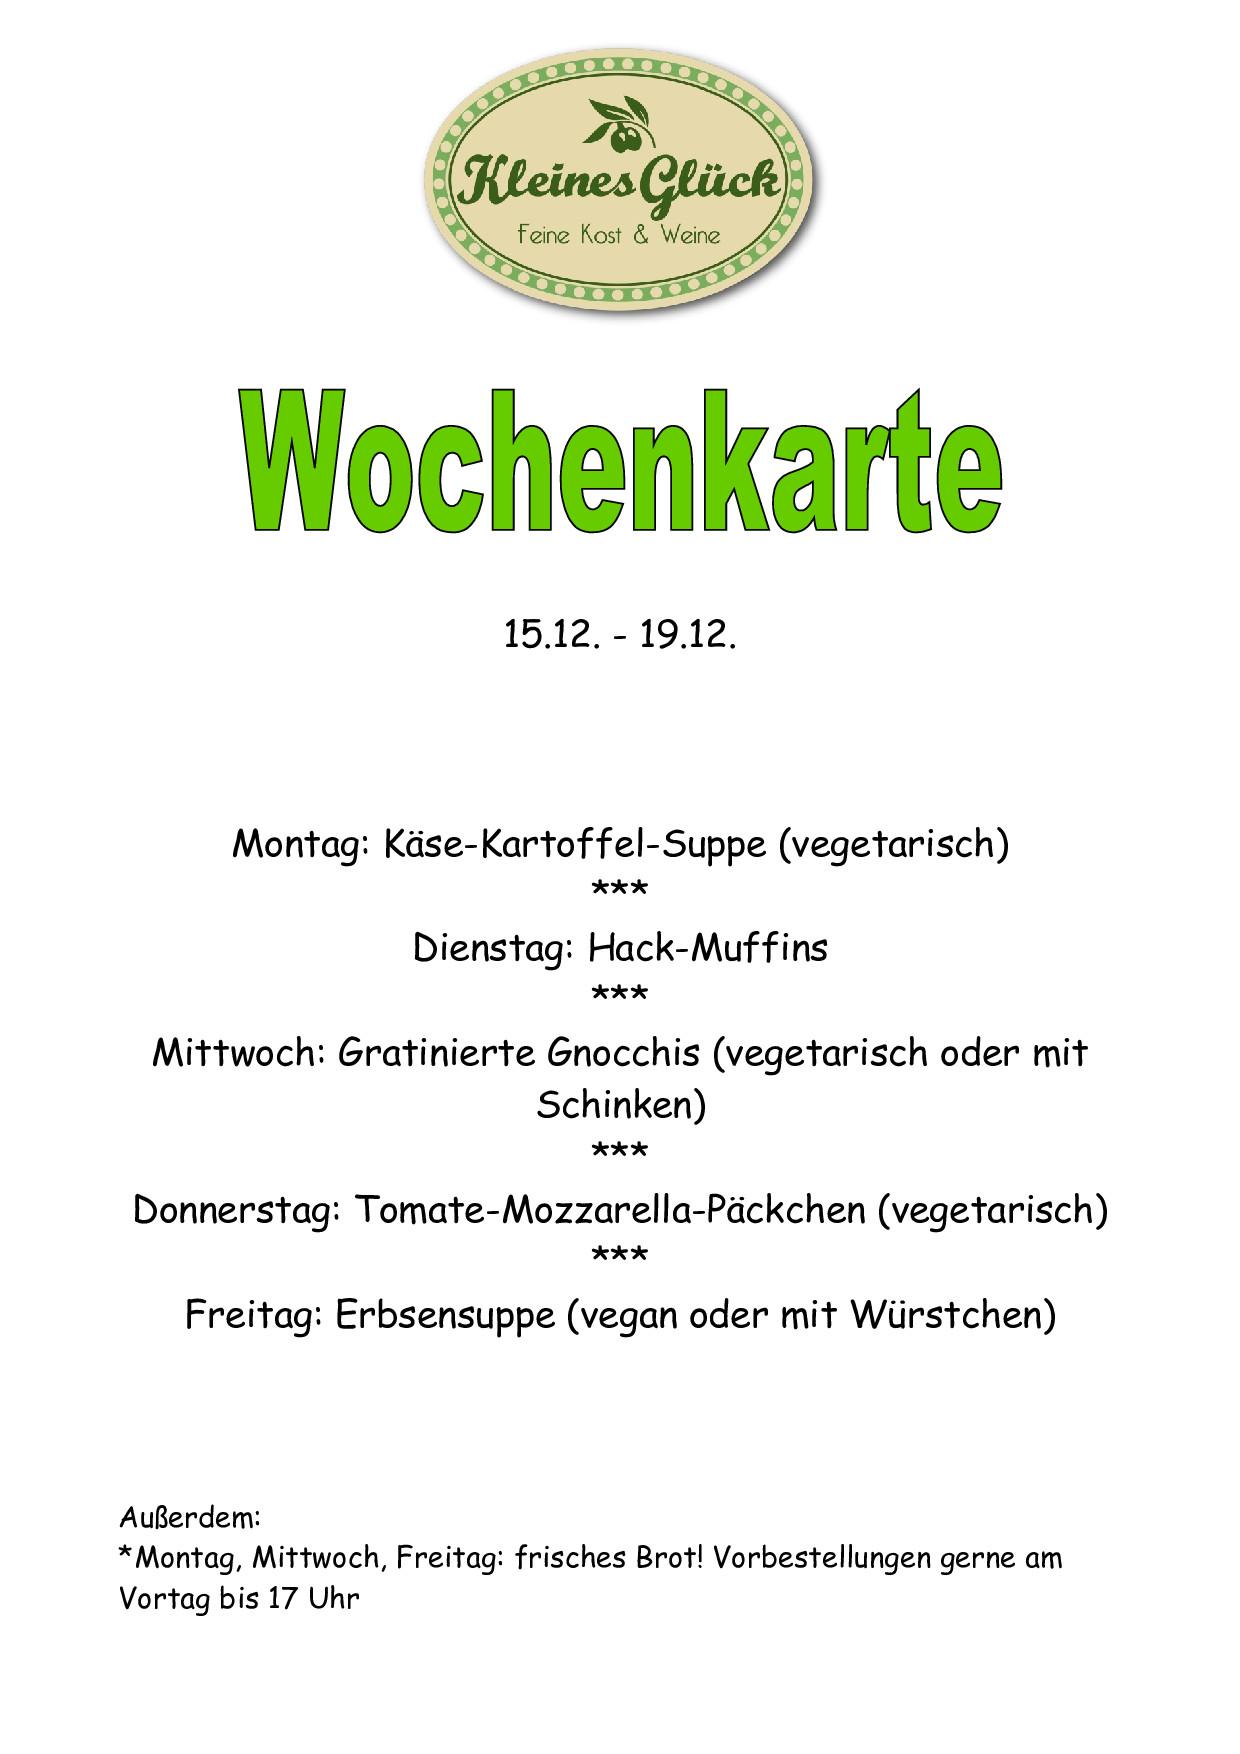 Wochenkarte_14-51